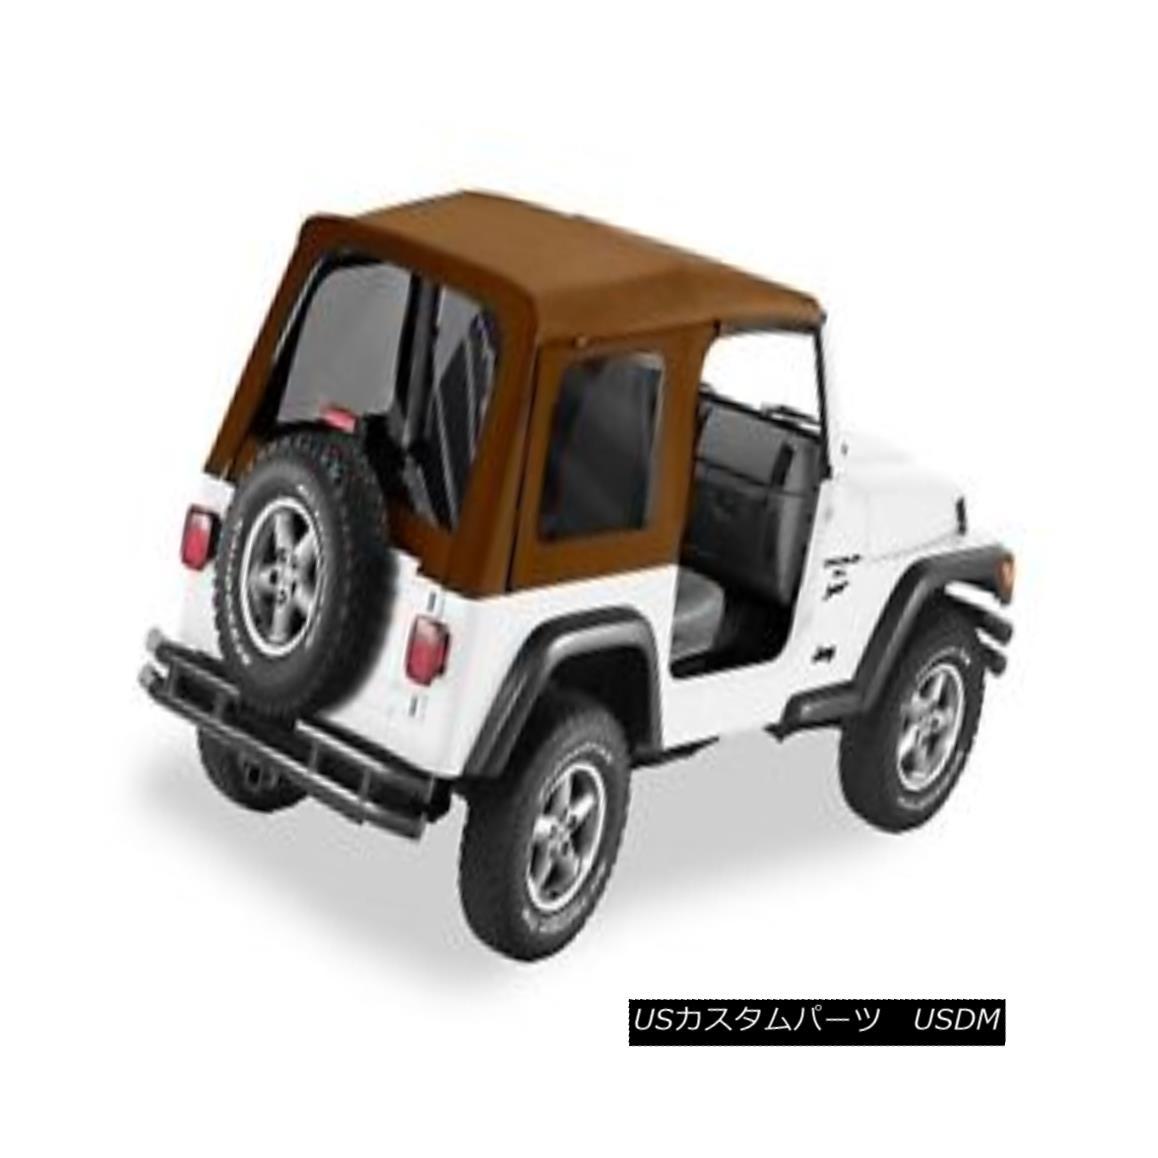 幌・ソフトトップ Bestop 54709-37 Jeep Supertop Classic Replacement Soft Top Spice Bestop 54709-37ジップスーパートップクラシック交換ソフトトップスパイス